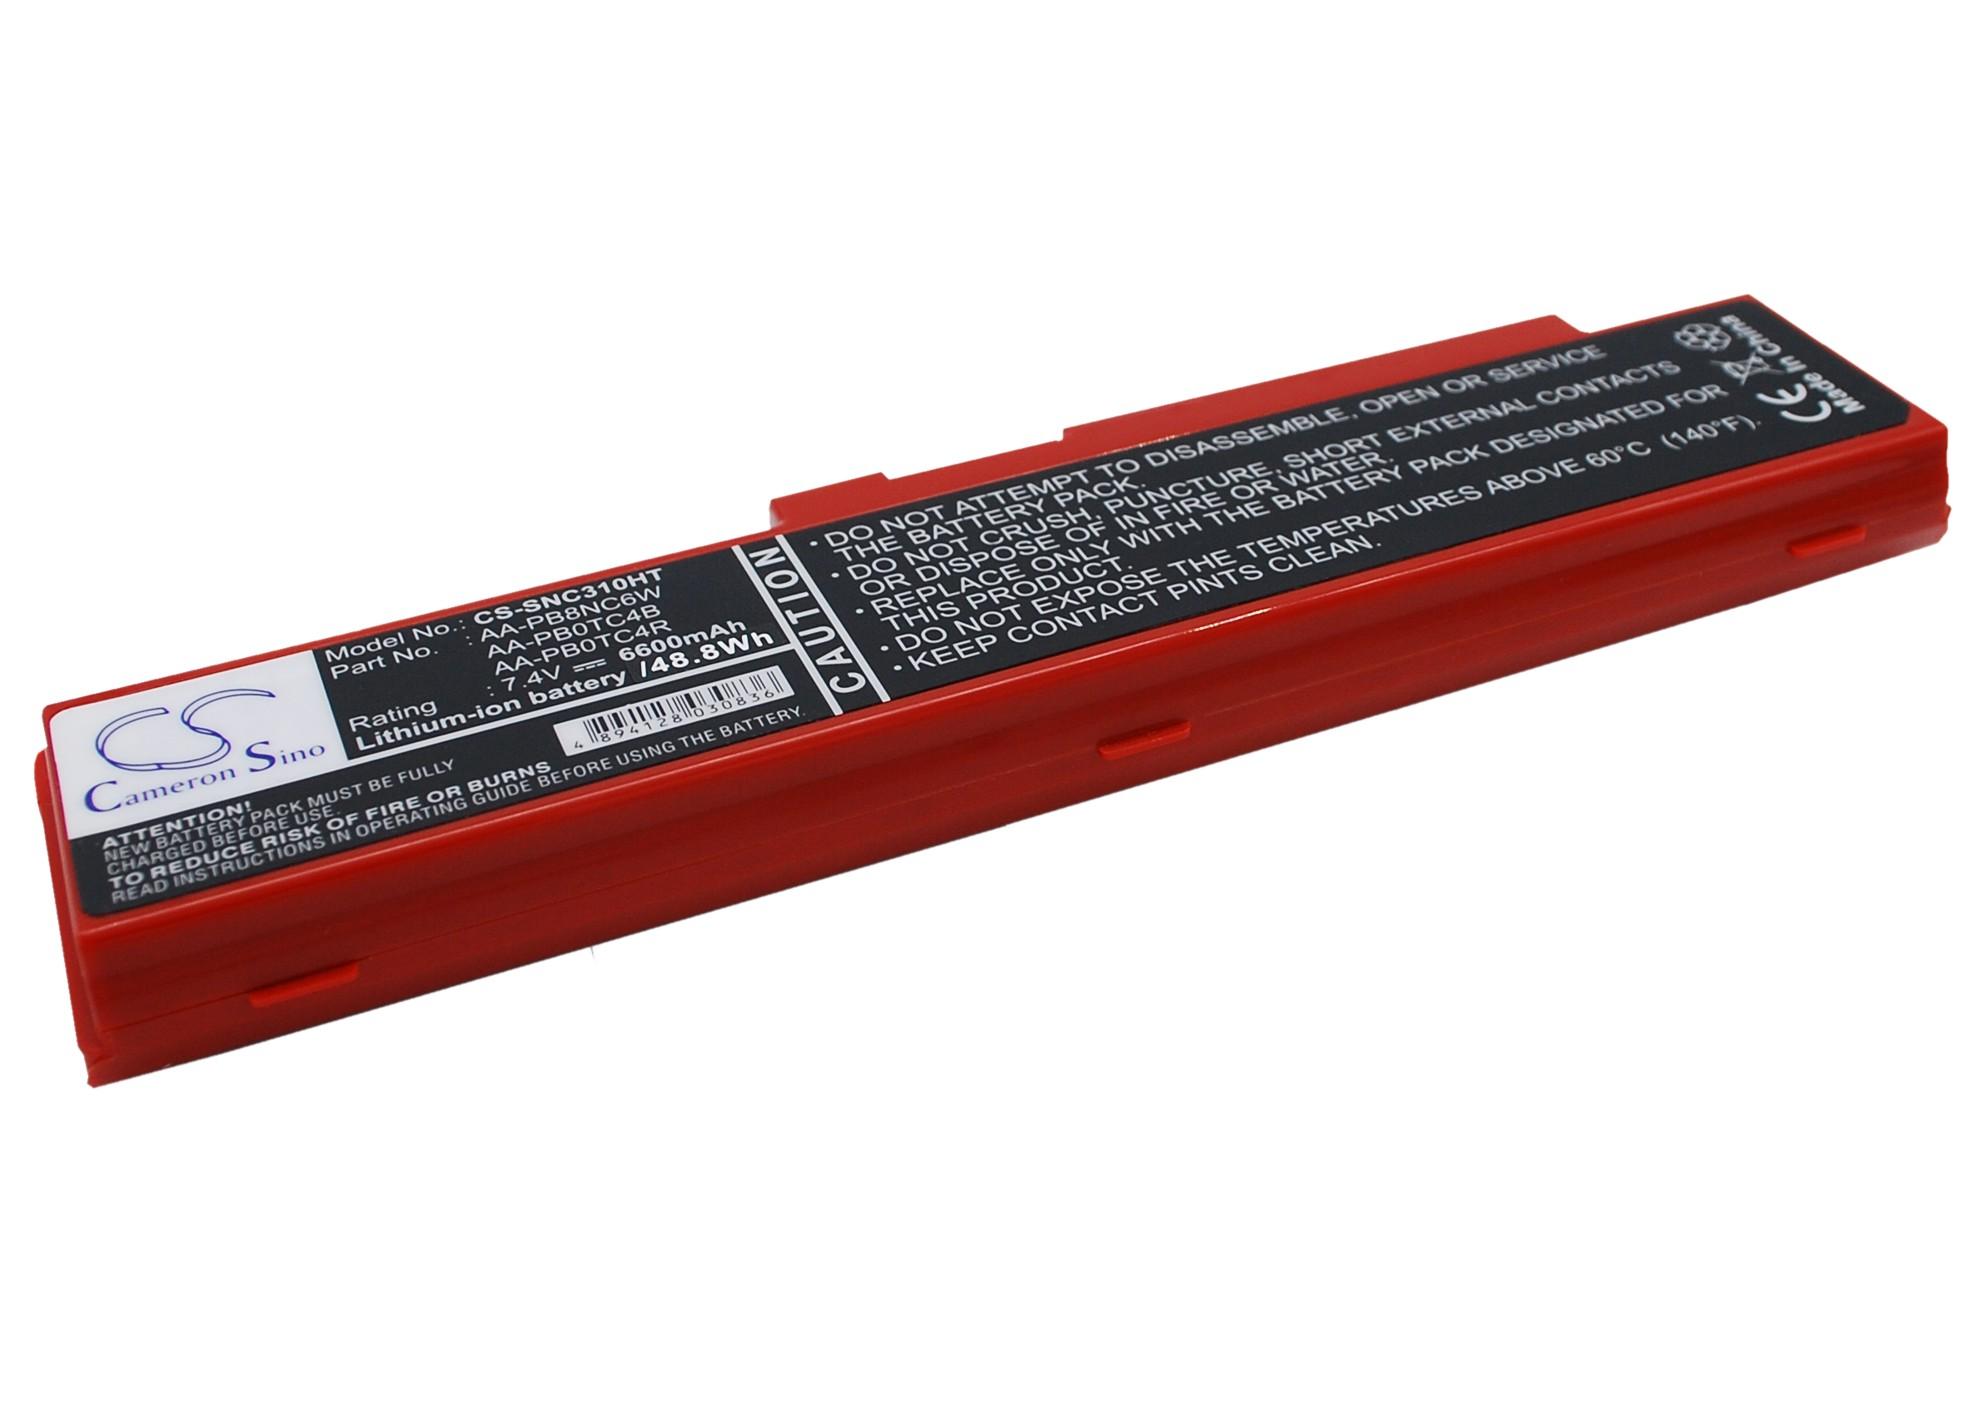 Cameron Sino baterie do netbooků pro SAMSUNG NP-X120-JA02UK 7.4V Li-ion 6600mAh červená - neoriginální